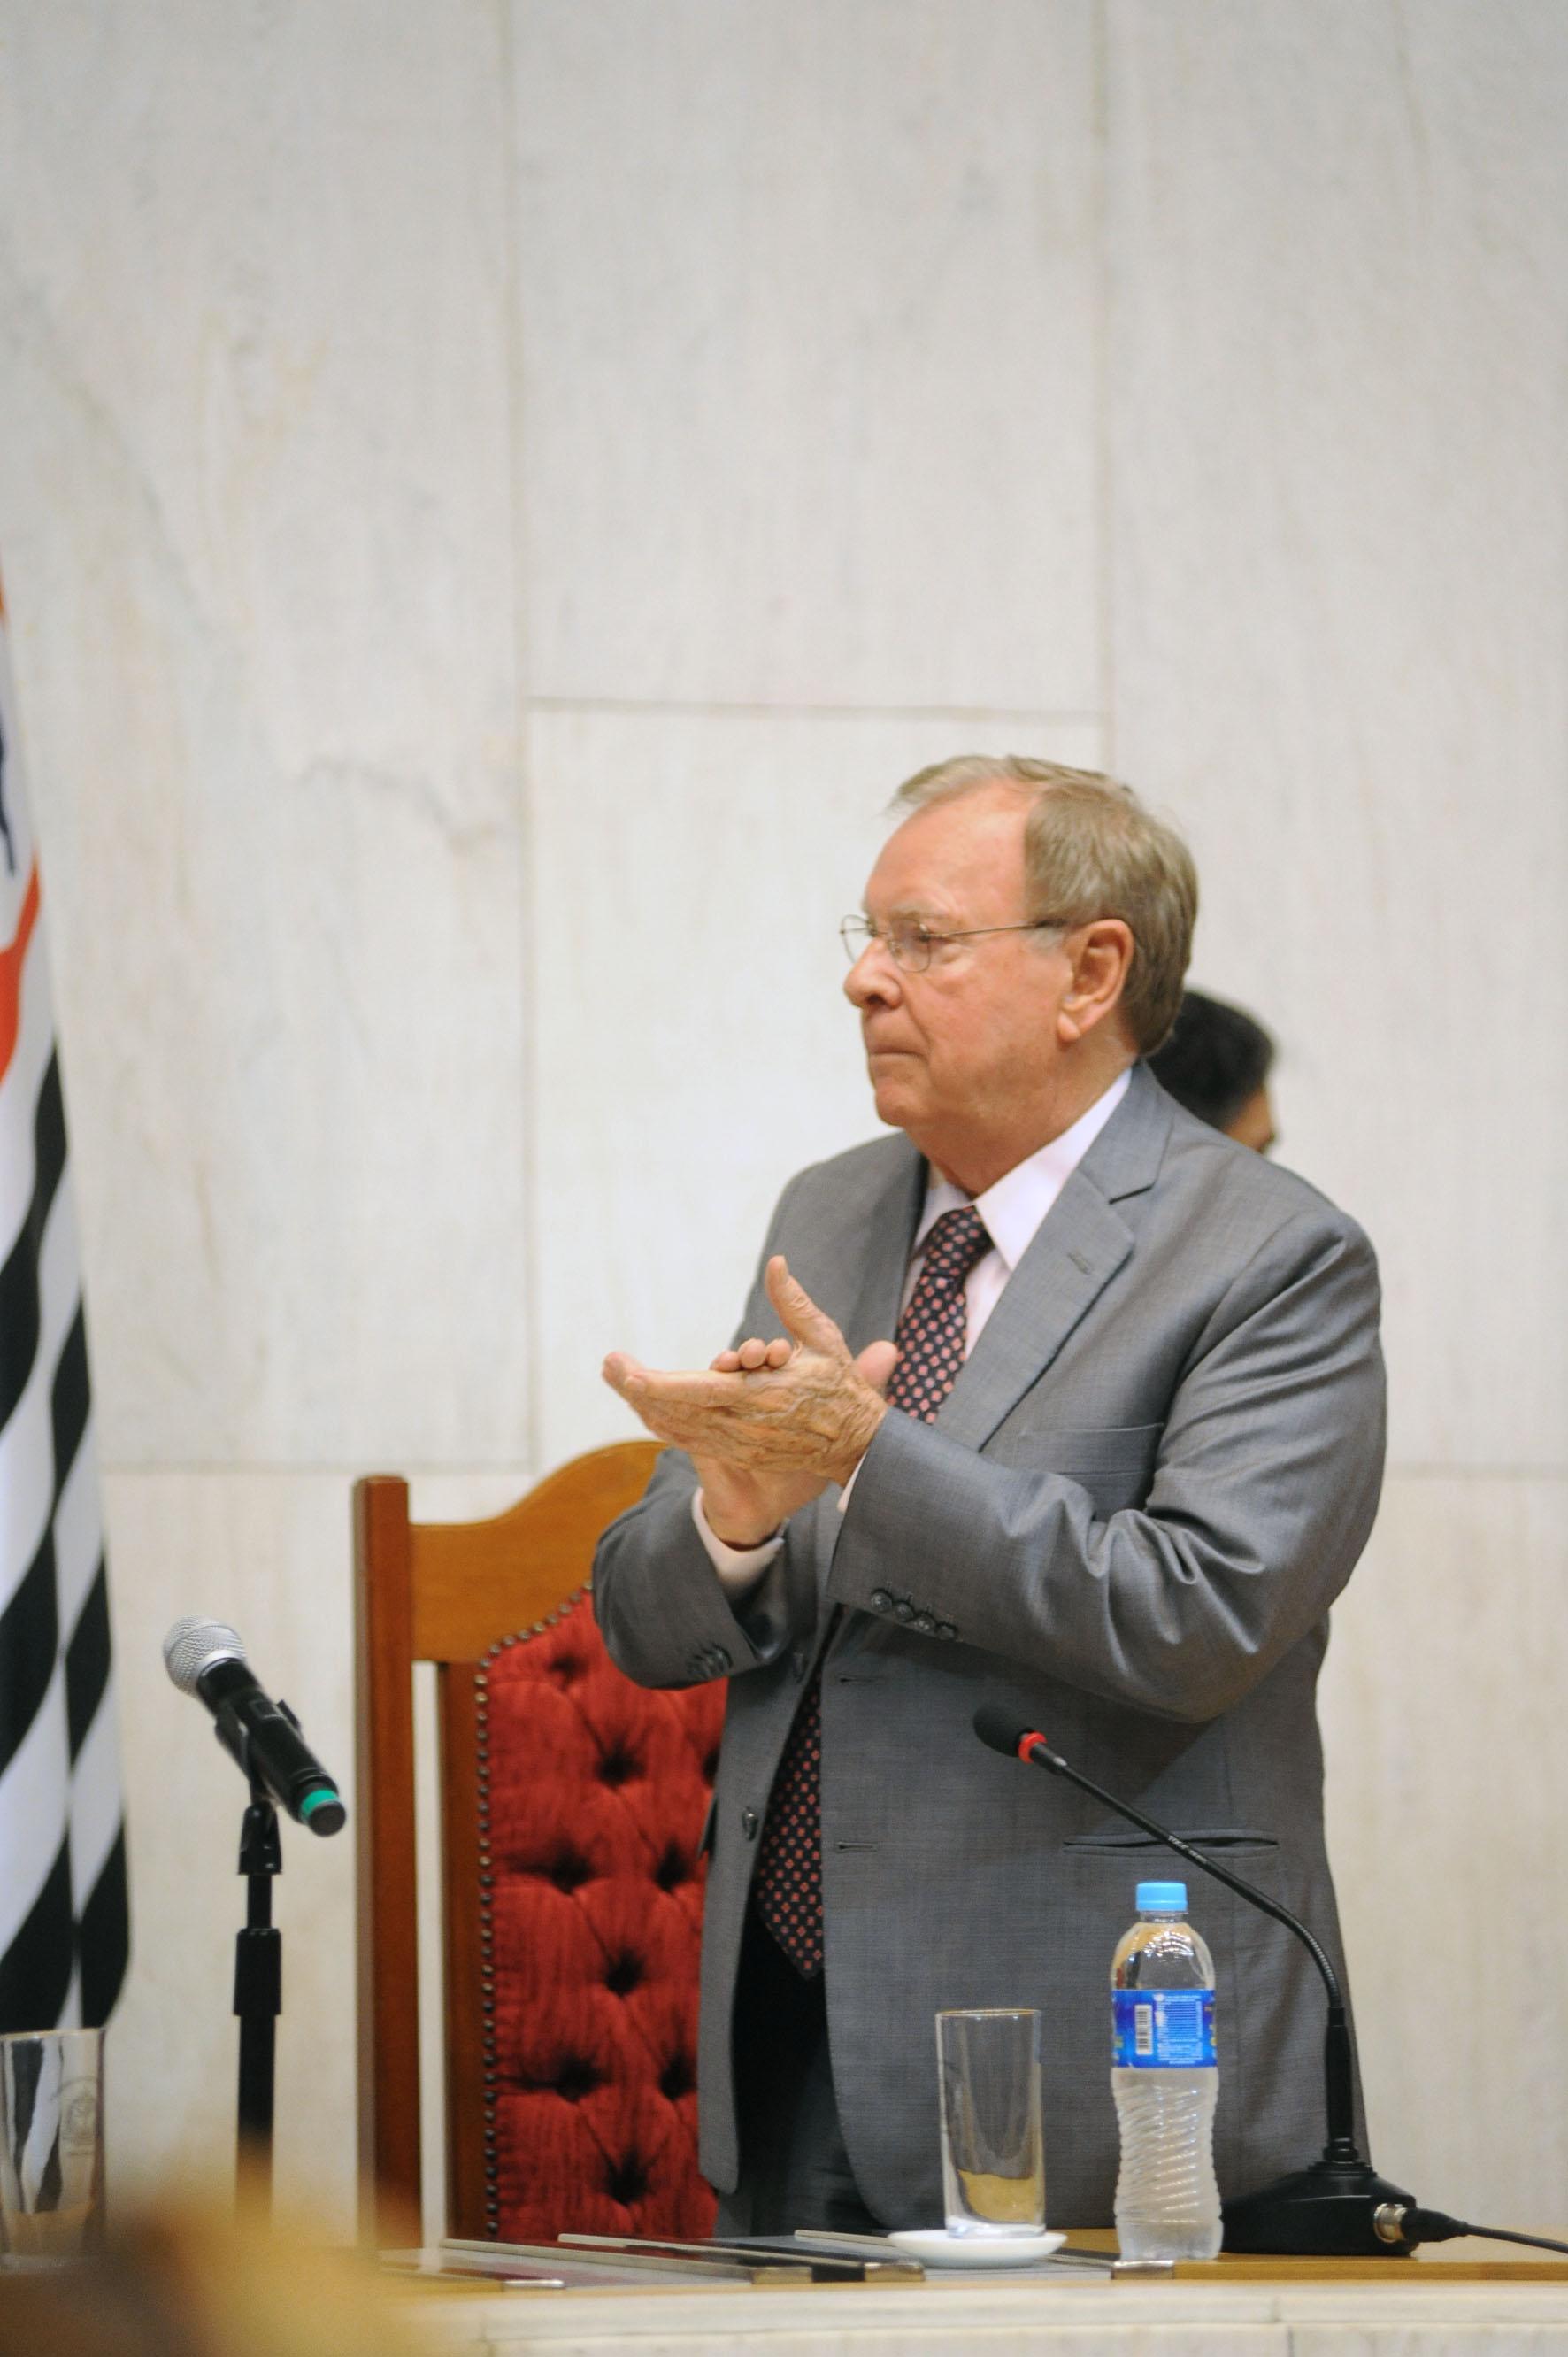 2º secretário, Estevam Galvão